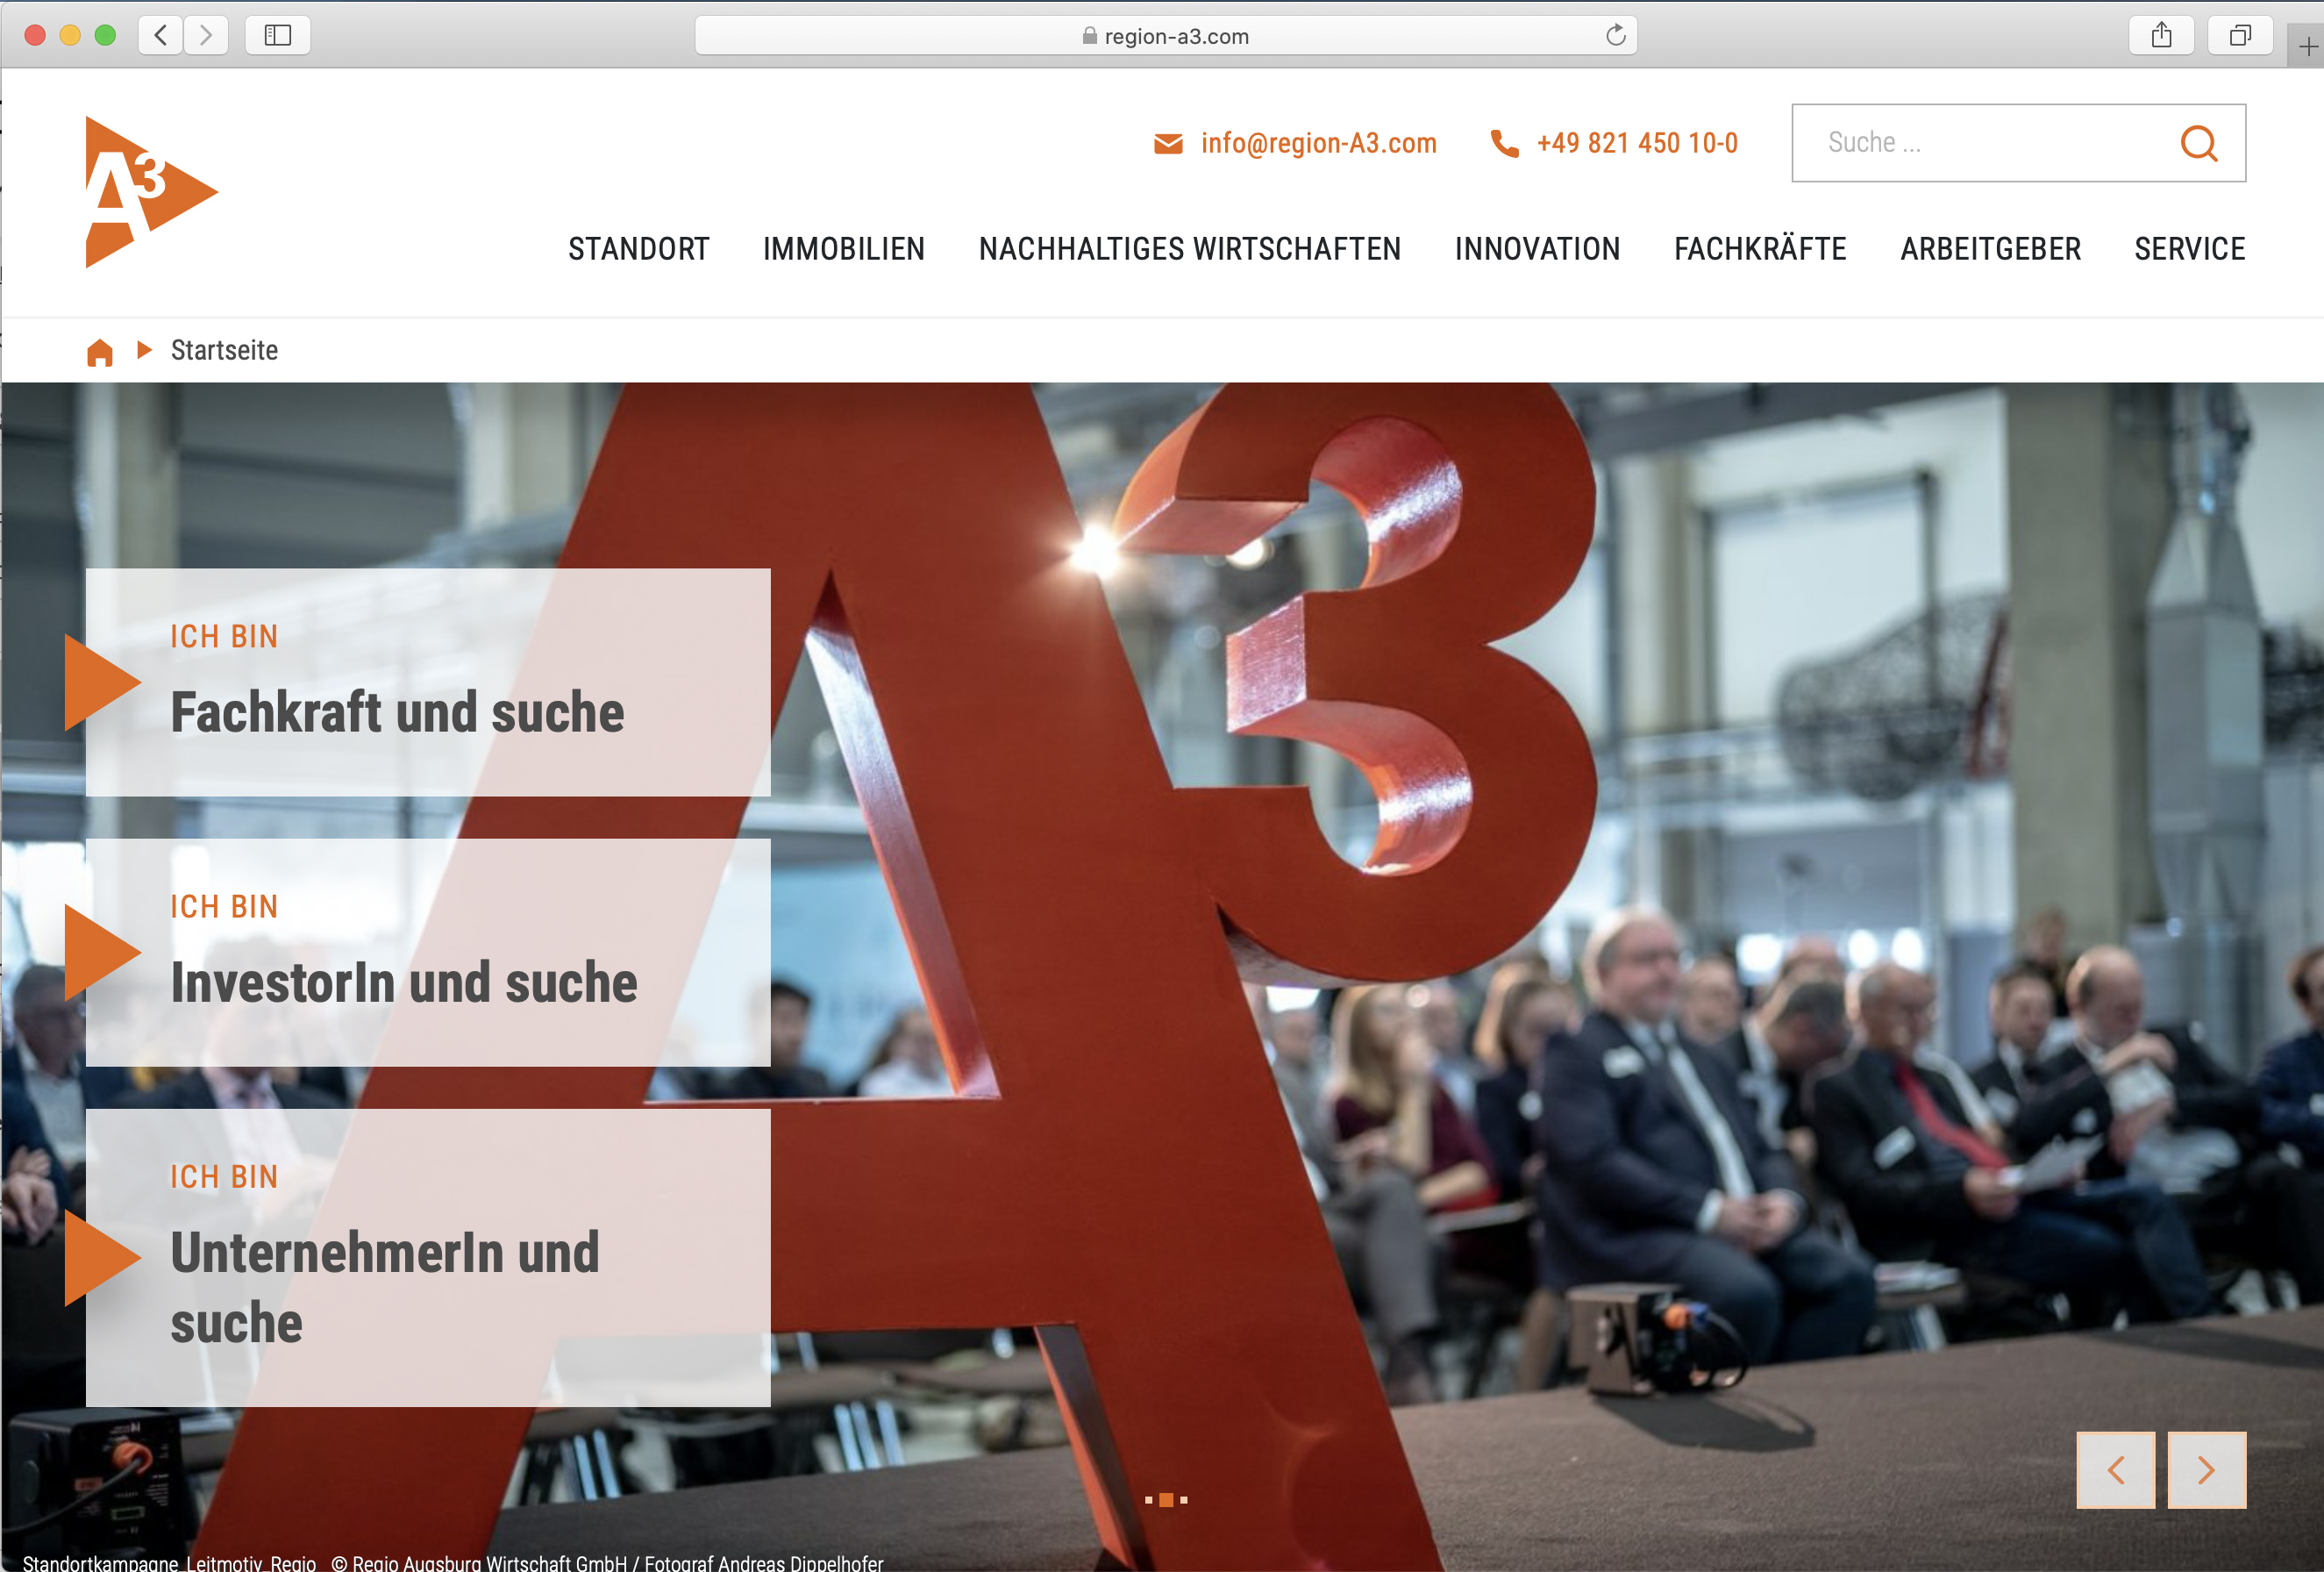 Das neue Web-Portal der Regio A3 ist online